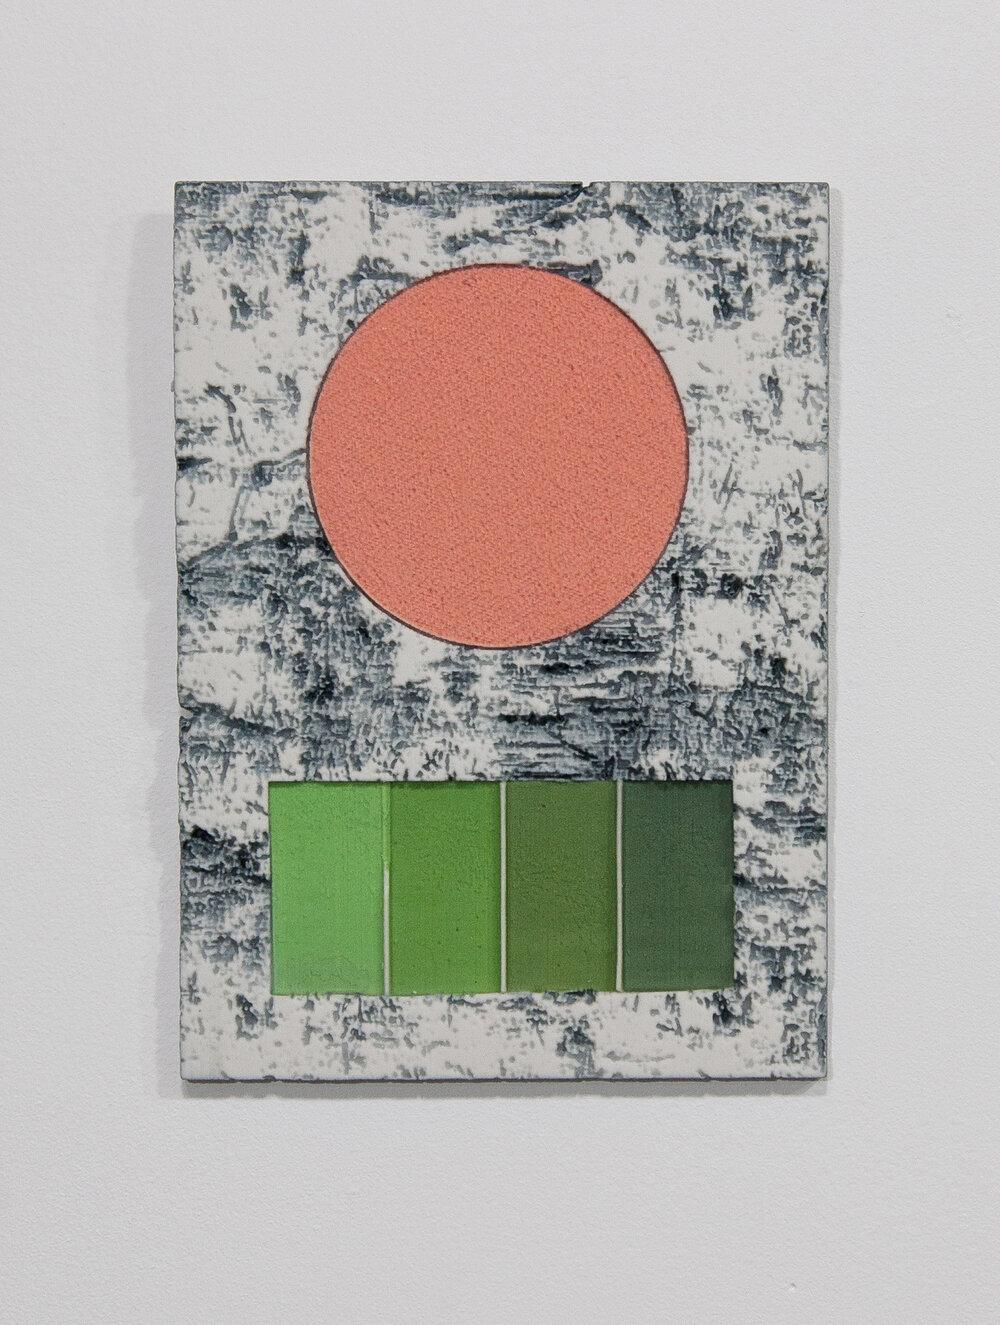 Taylor Absher, Landscape